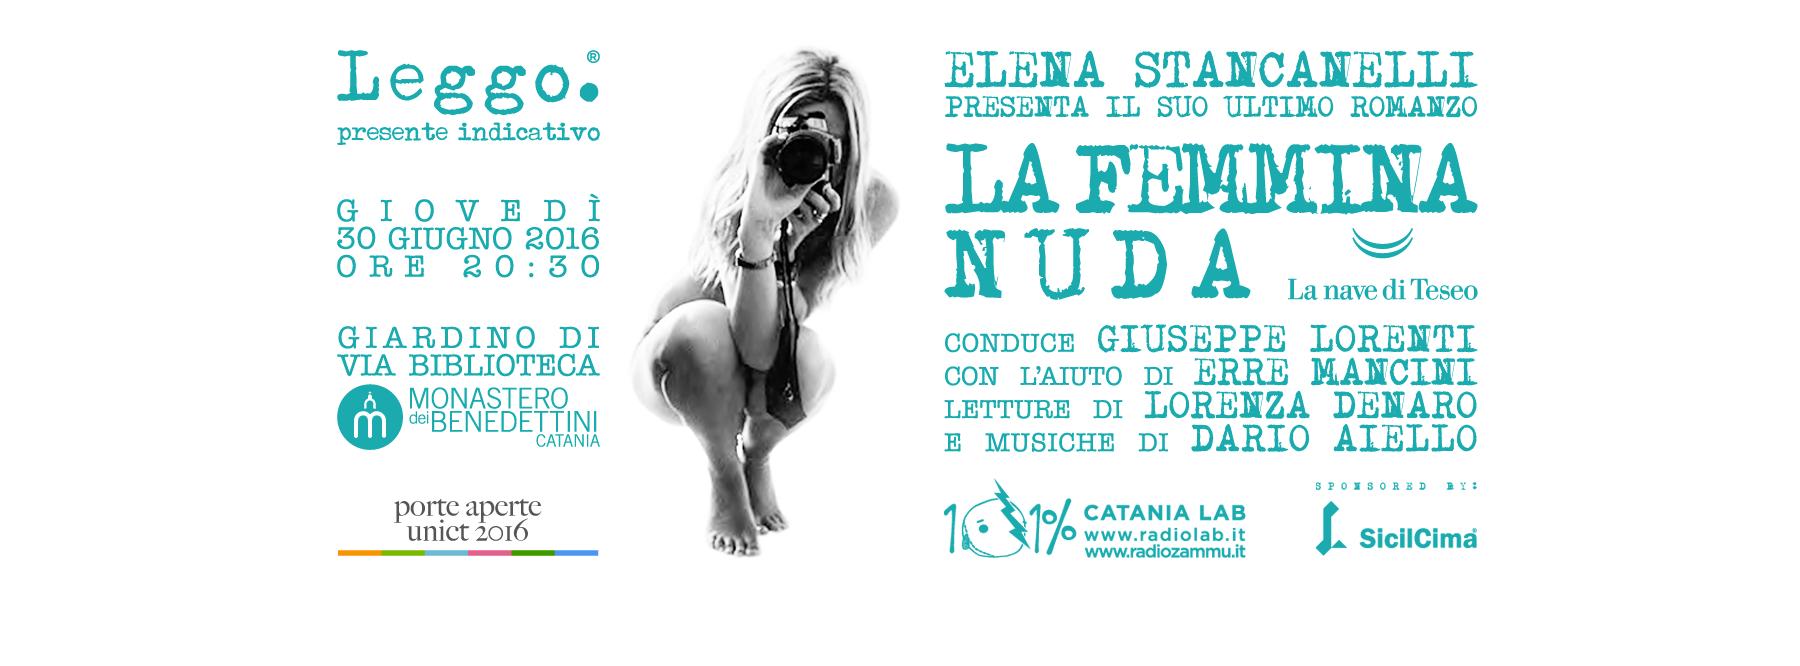 LEGGO CON ELENA STANCANELLI: LA FEMMINA NUDA